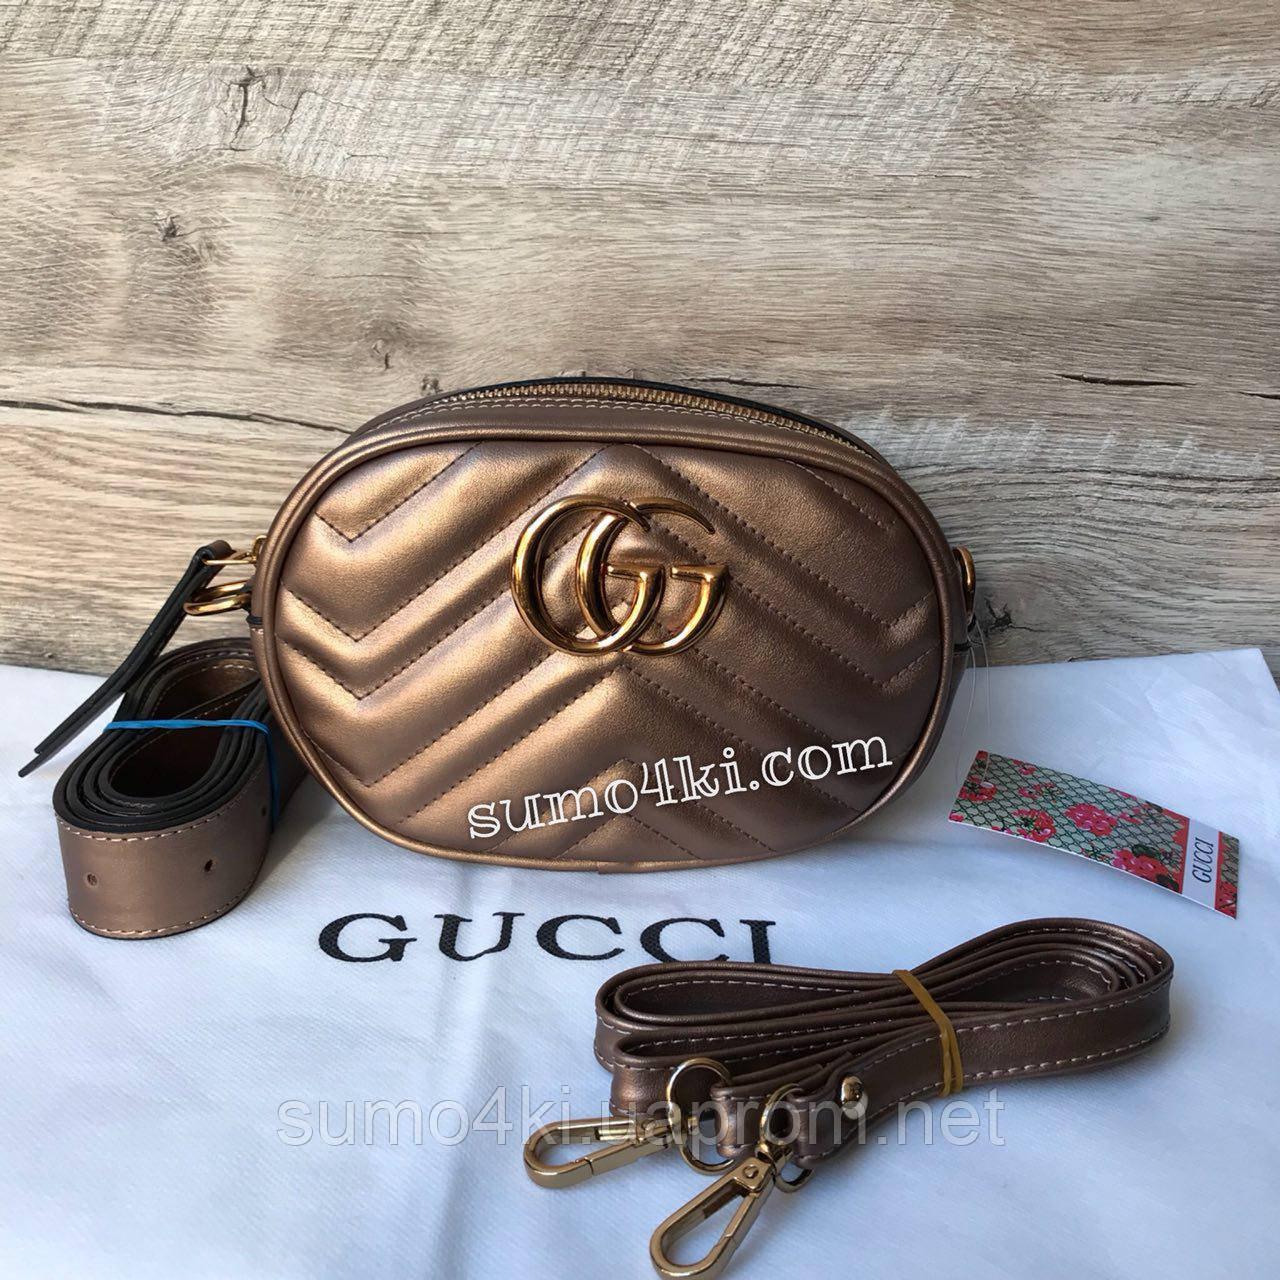 e8b98e7ae5ba Купить Женскую сумку на пояс Gucci Marmont Гуччи оптом и в розницу в ...